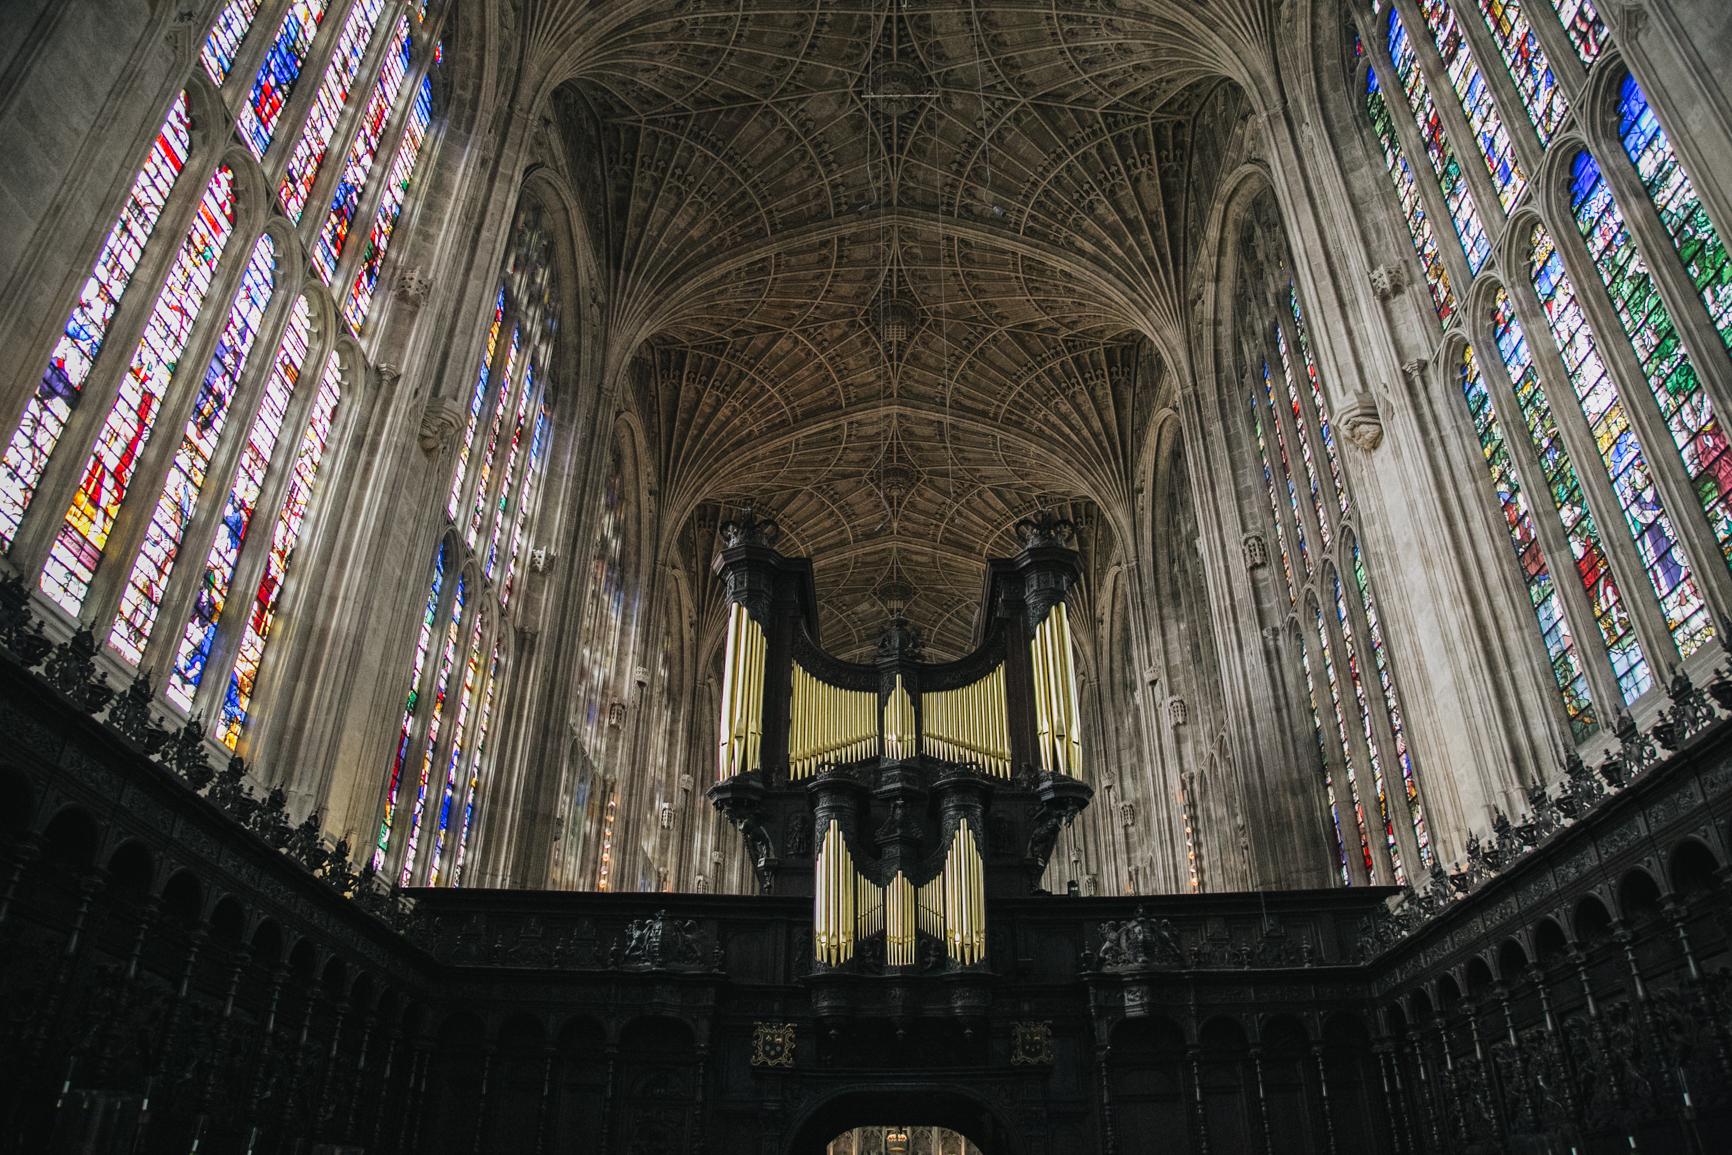 Kings-college-universite-cambridge-chapelle-orgue.jpg